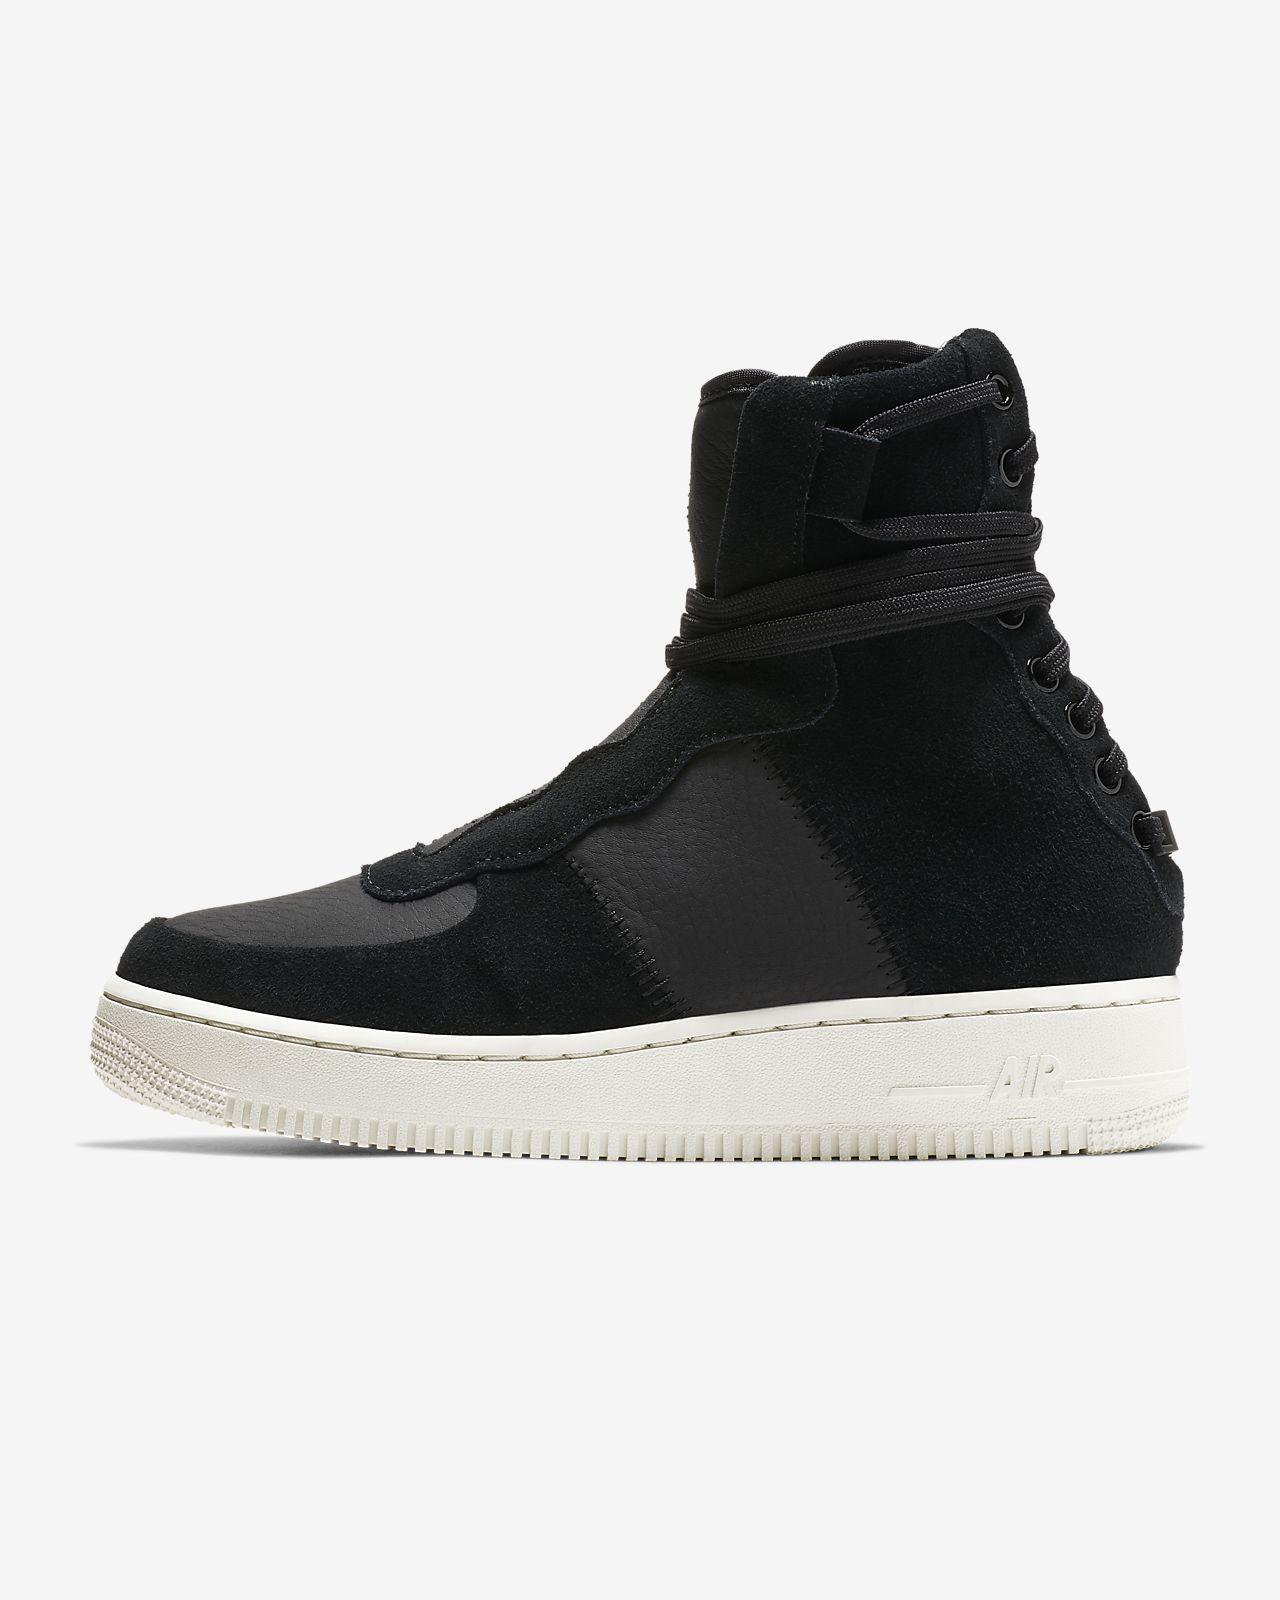 Nike Air Force 1 Rebel XX Premium Damesschoen